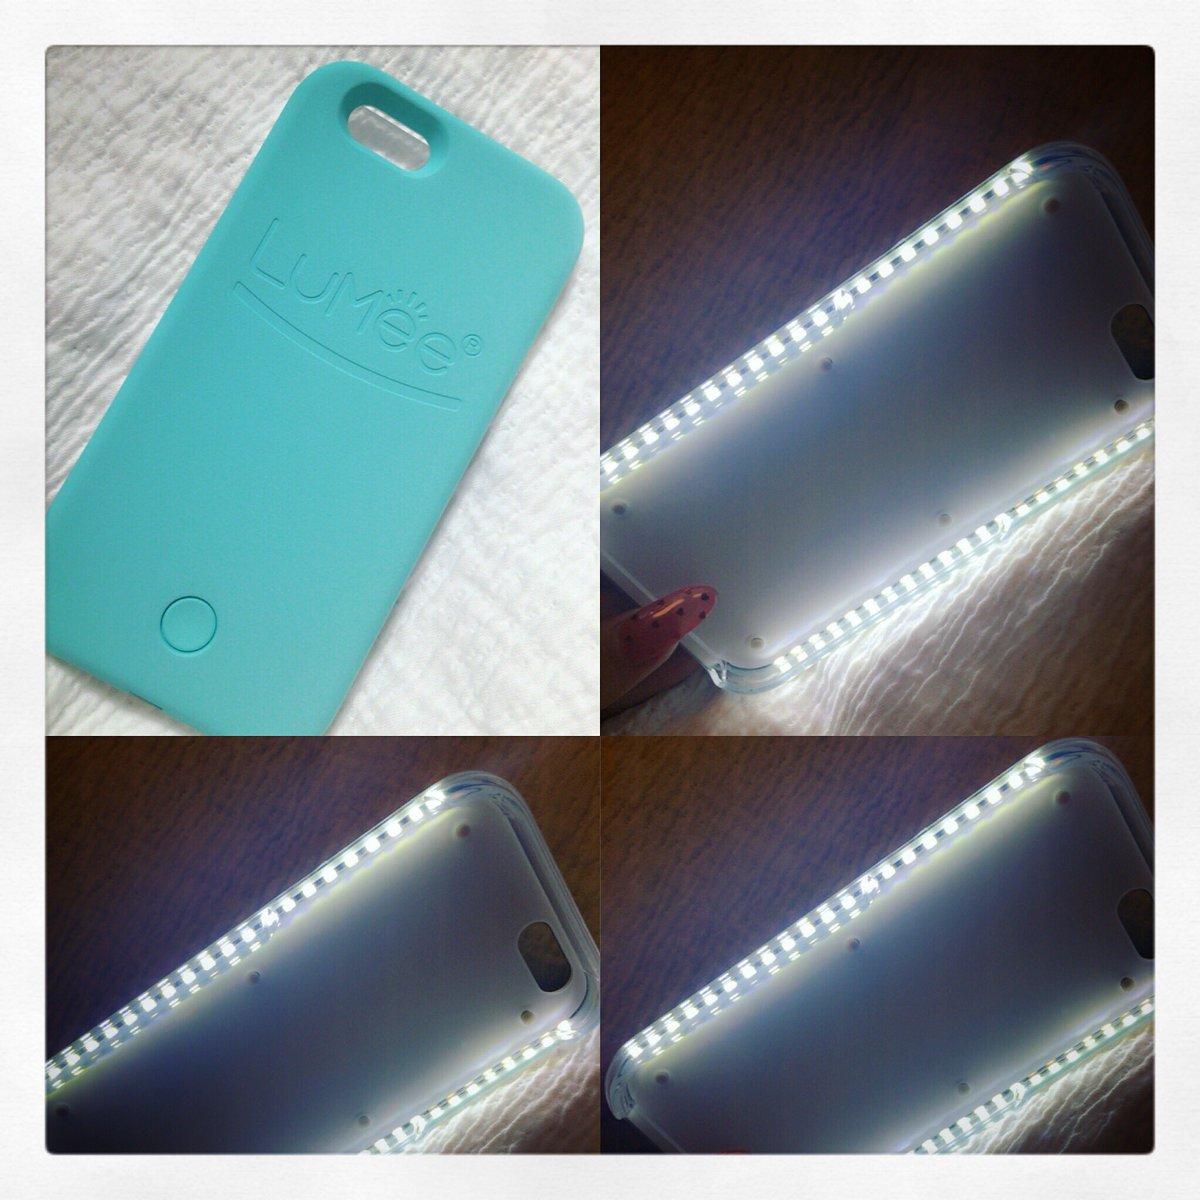 夜用のiPhoneケースゲットしたの。 真っ暗闇でもこんな明るく撮れる。 この子天才だわ😳☝️夏沢山…